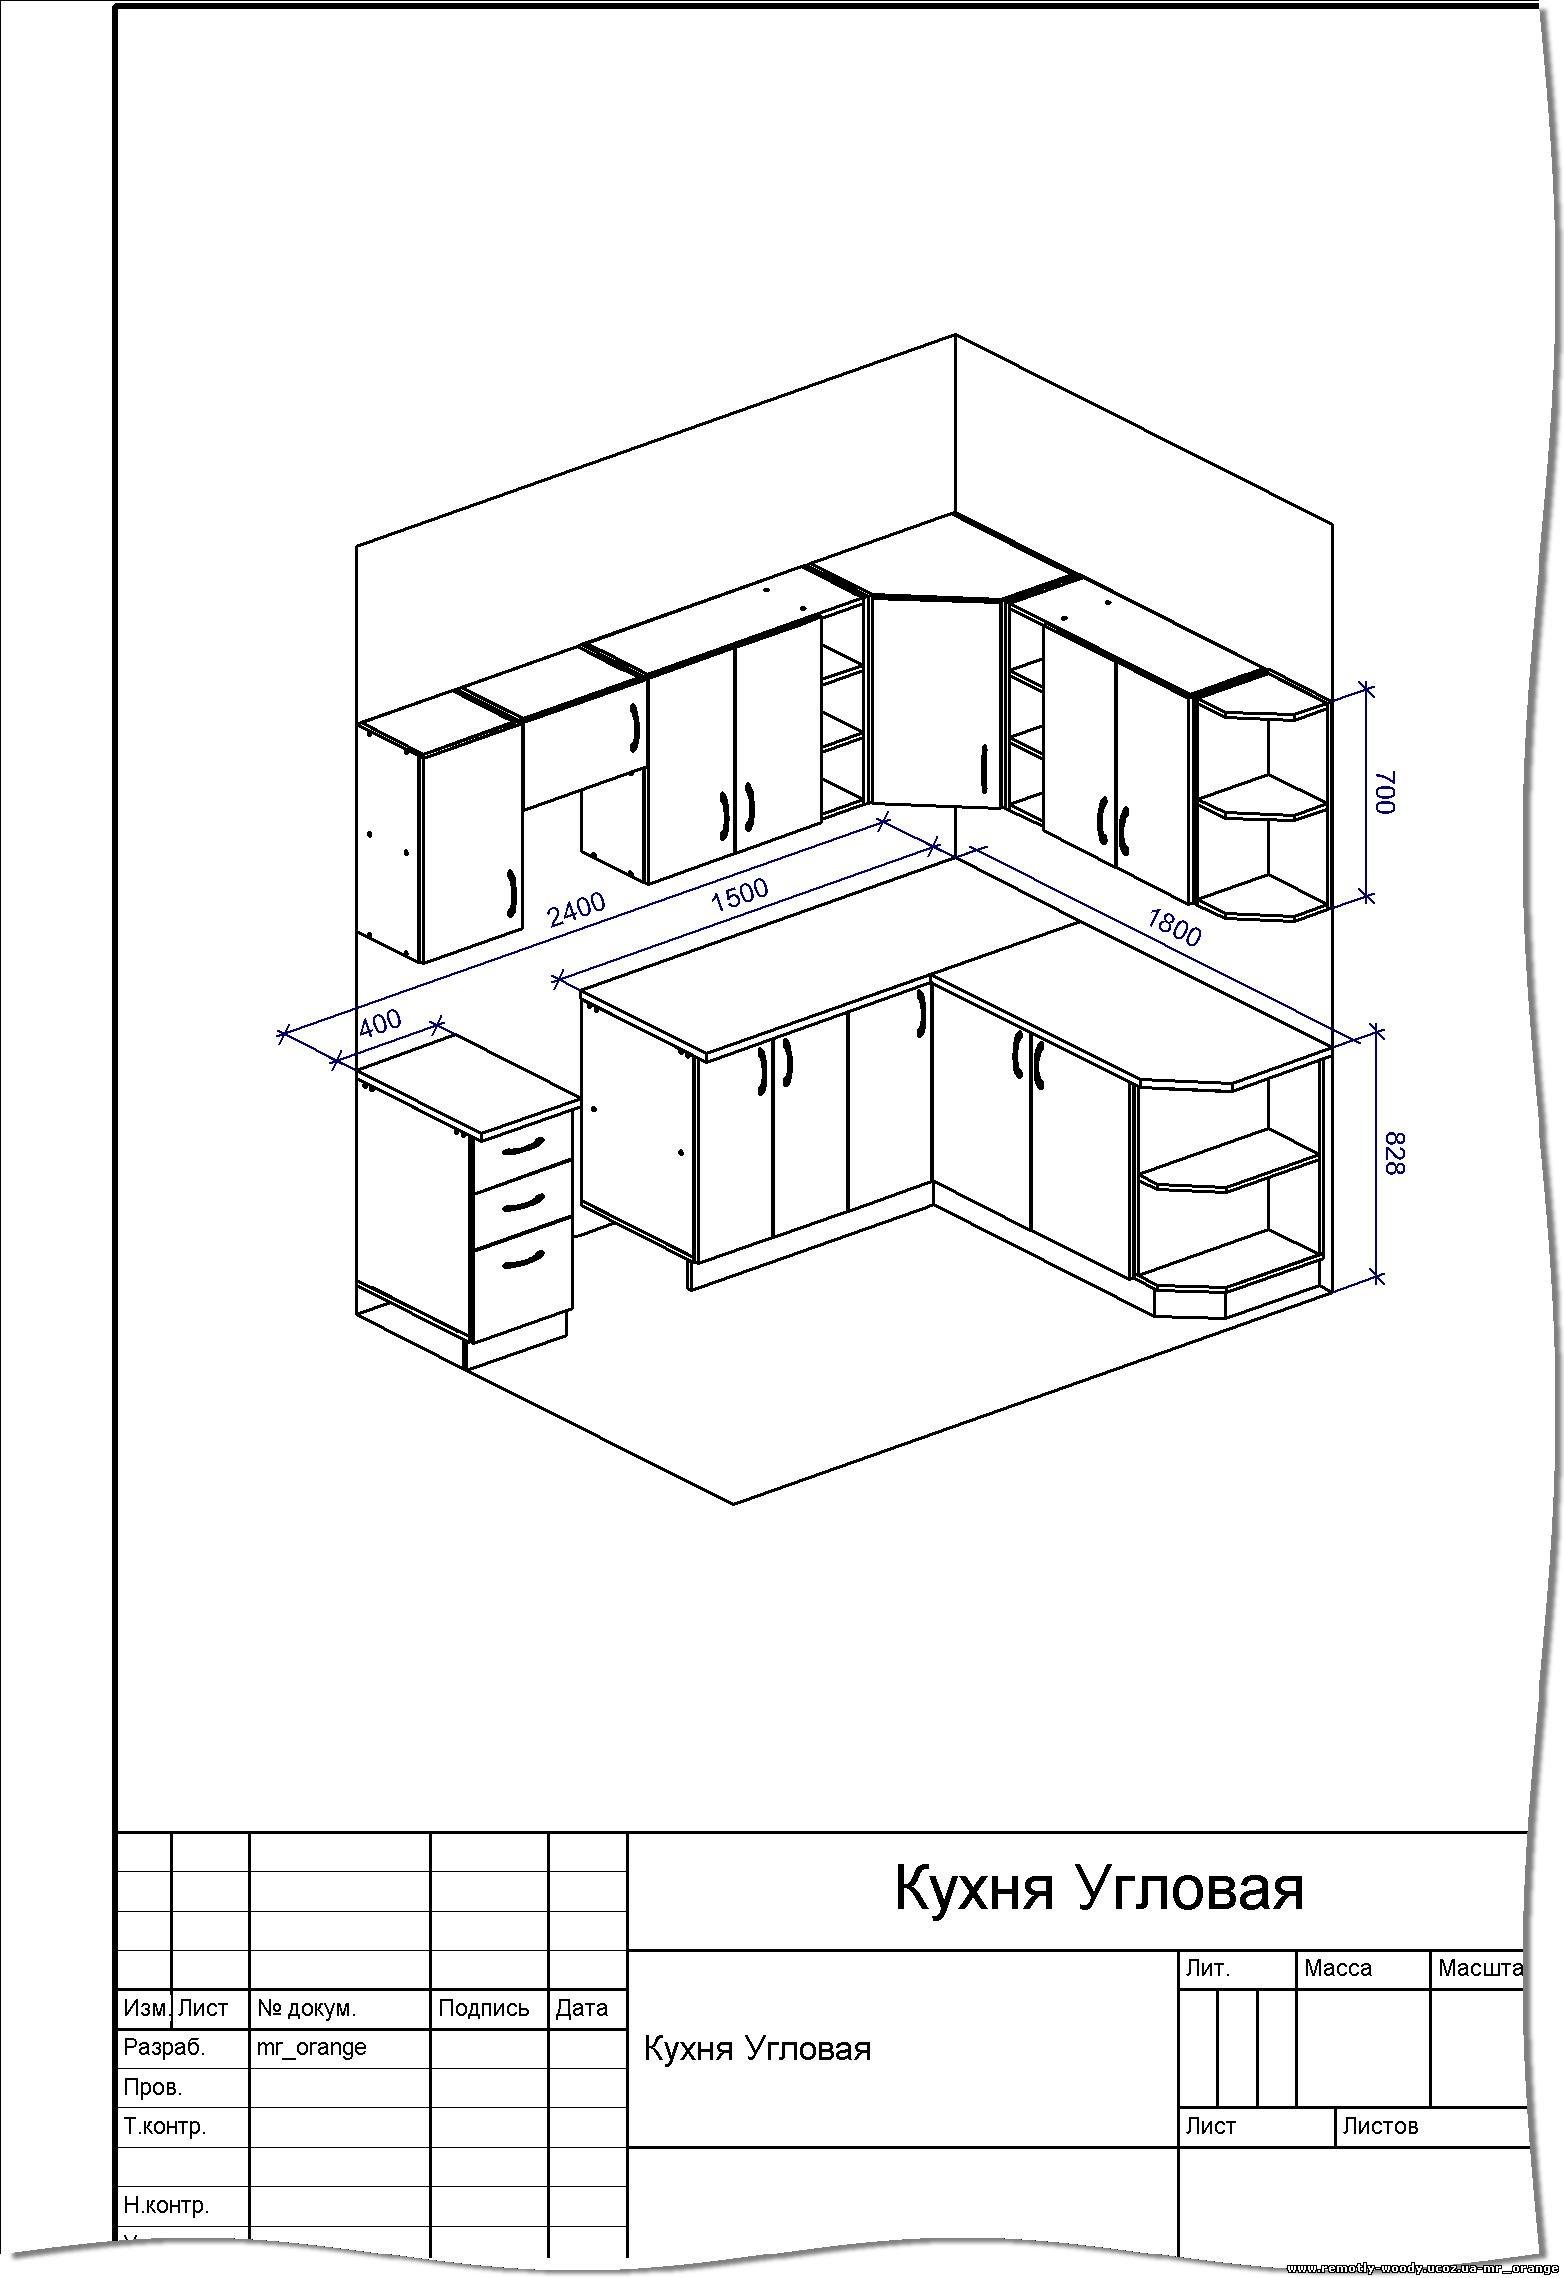 Кухню угловая своими руками чертежи